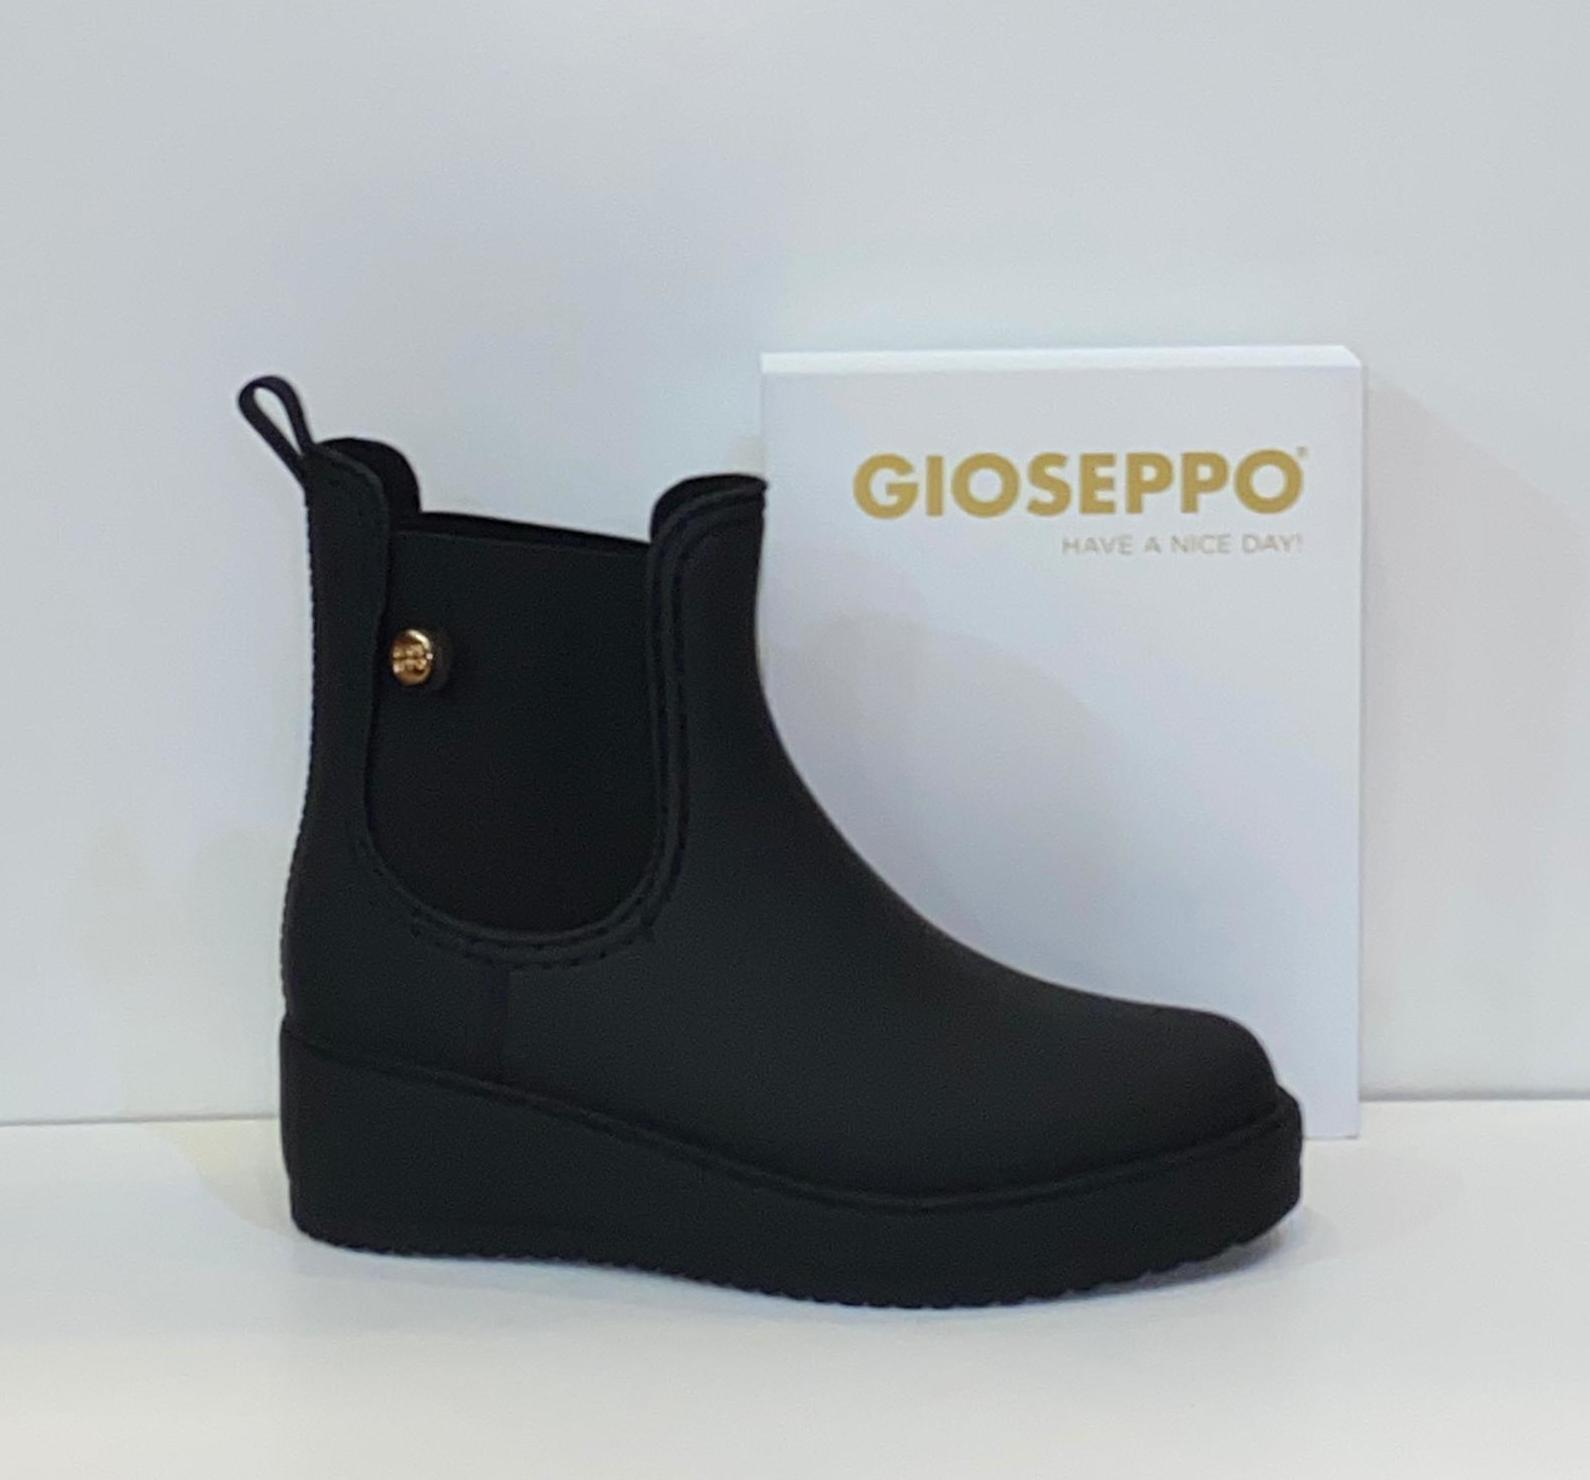 Botí d'aigua de dona, de la marca Gioseppo 39.95€